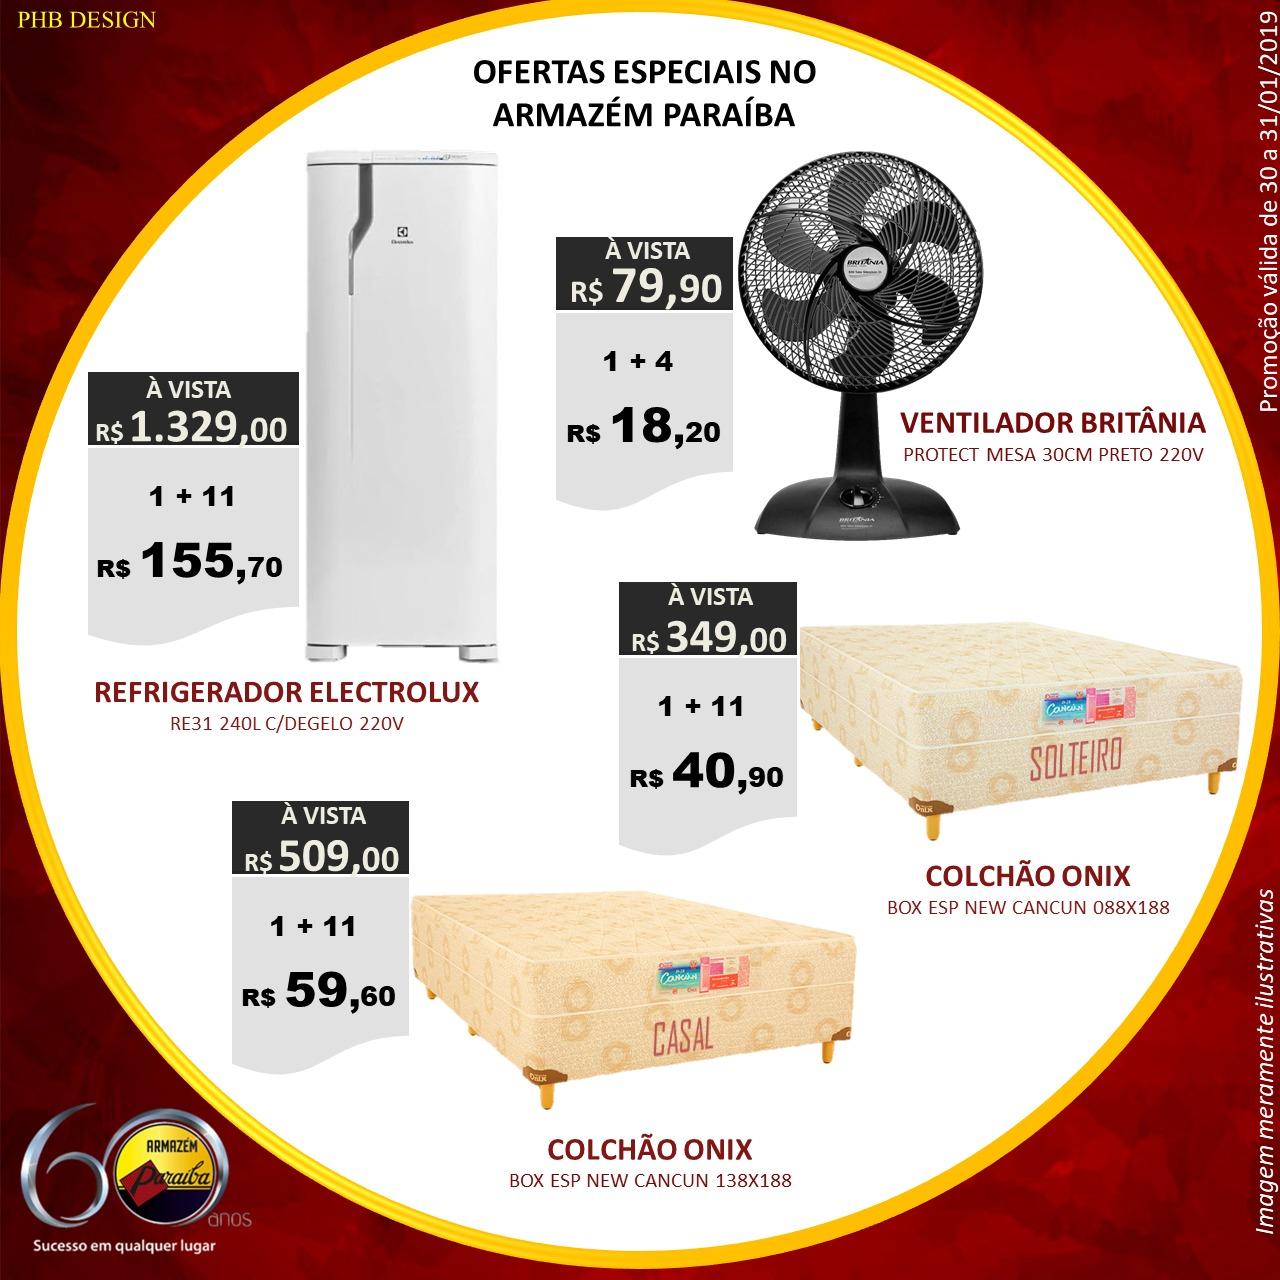 O Paraíba preparou ofertas com preço baixo de verdade. Somente nos dias 30  e 31 01 2019 ofertas com preços imperdíveis. Não fique de fora ea489d9b463